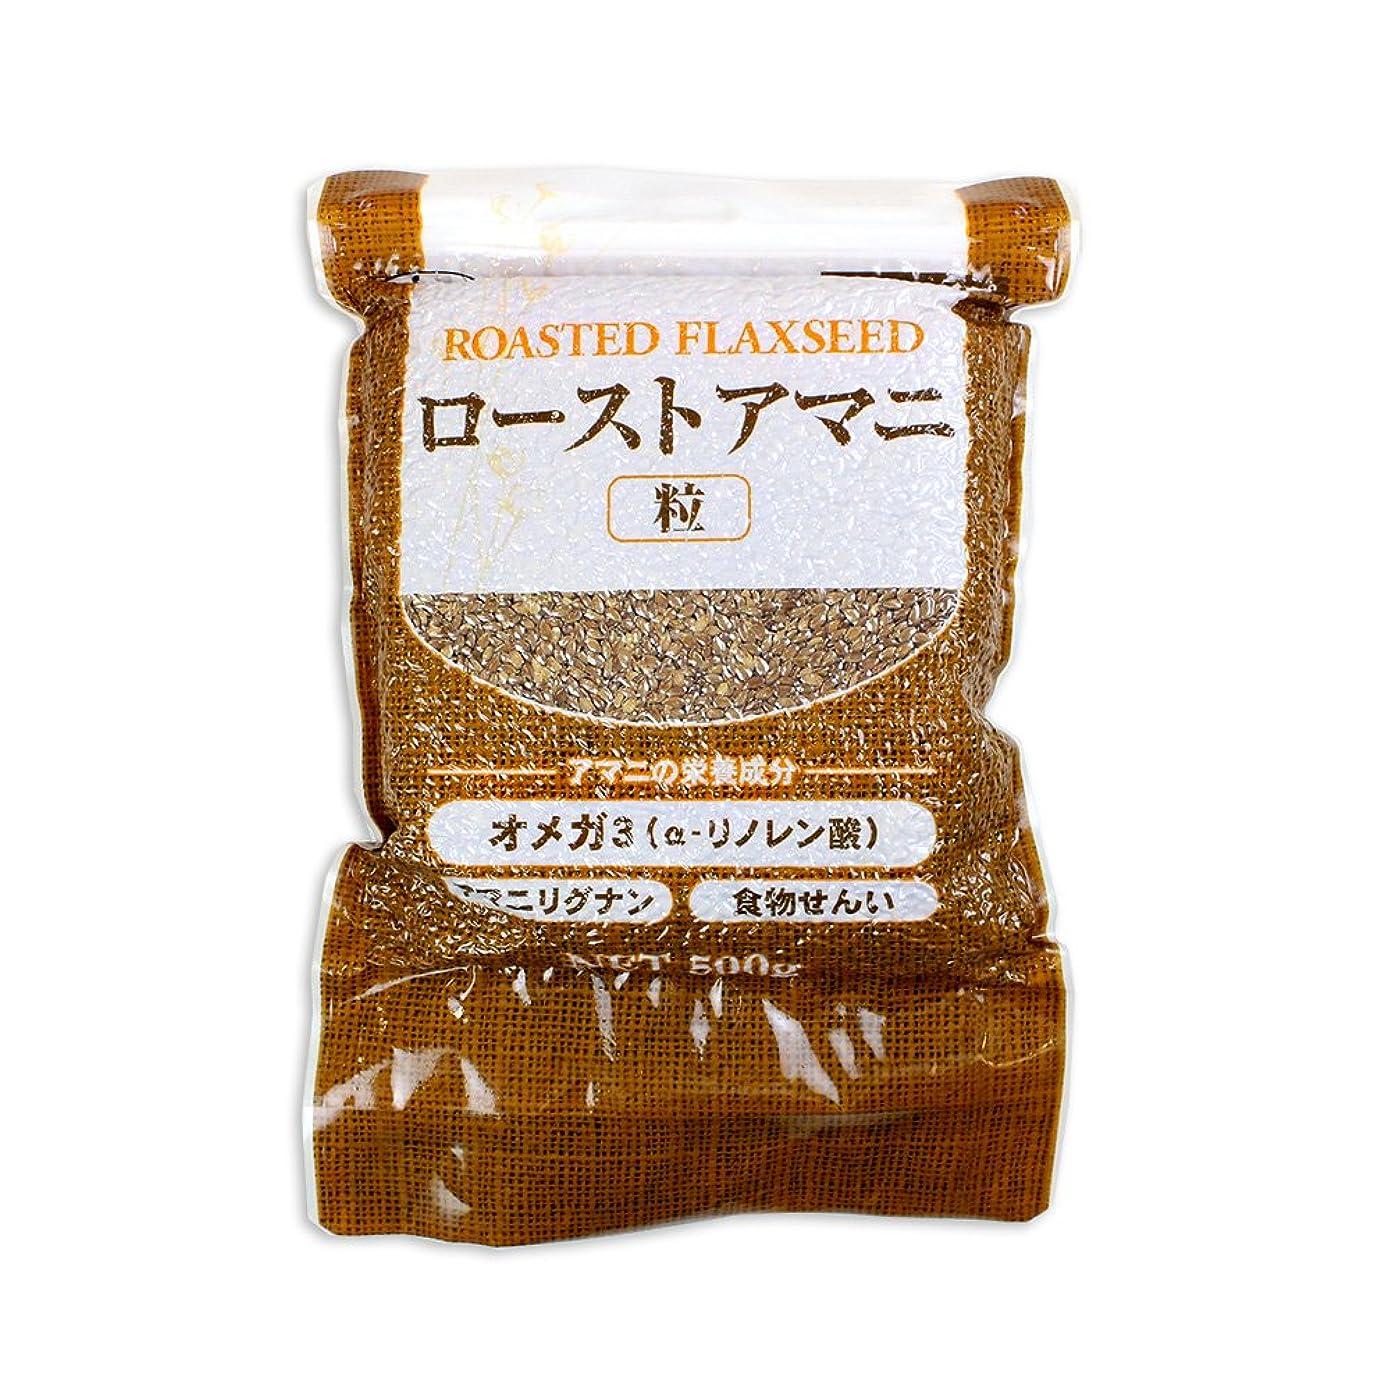 たぶん思い出させる世代ローストアマニ 粒 日本製粉 500g